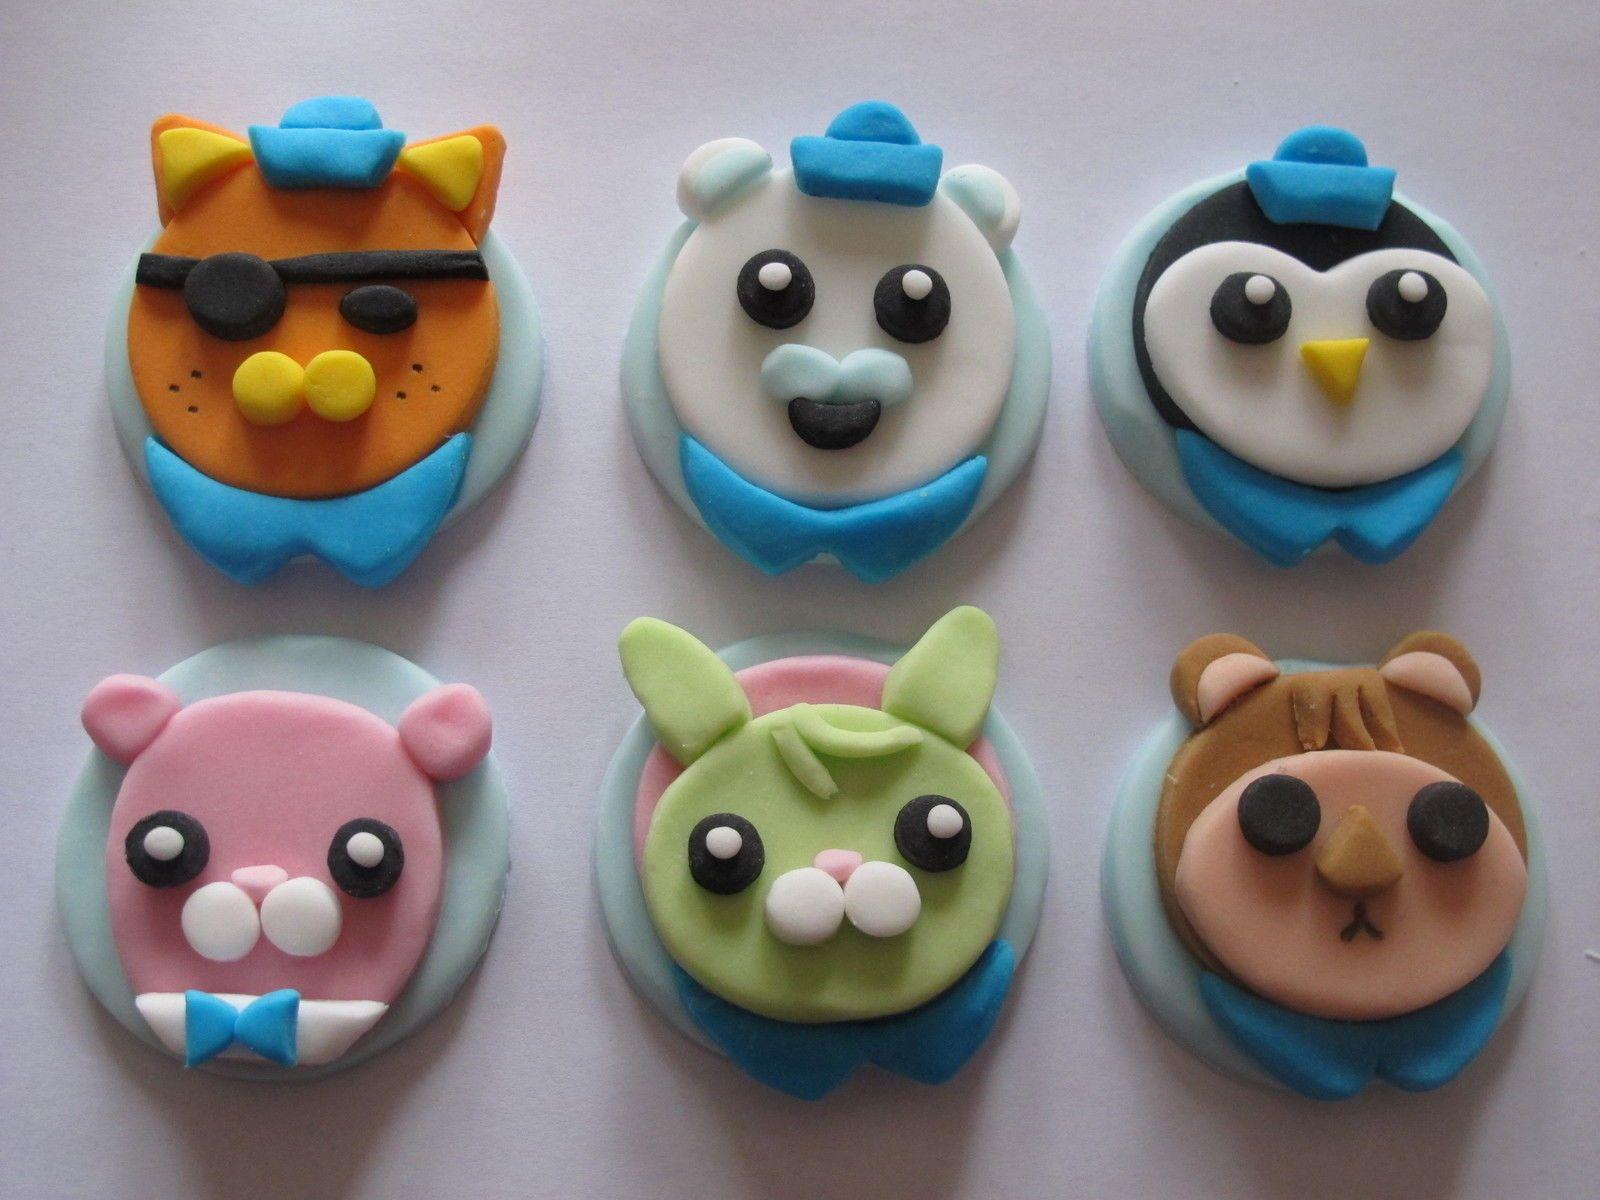 6 large fondant 2d handmade sugar octonauts cupcake